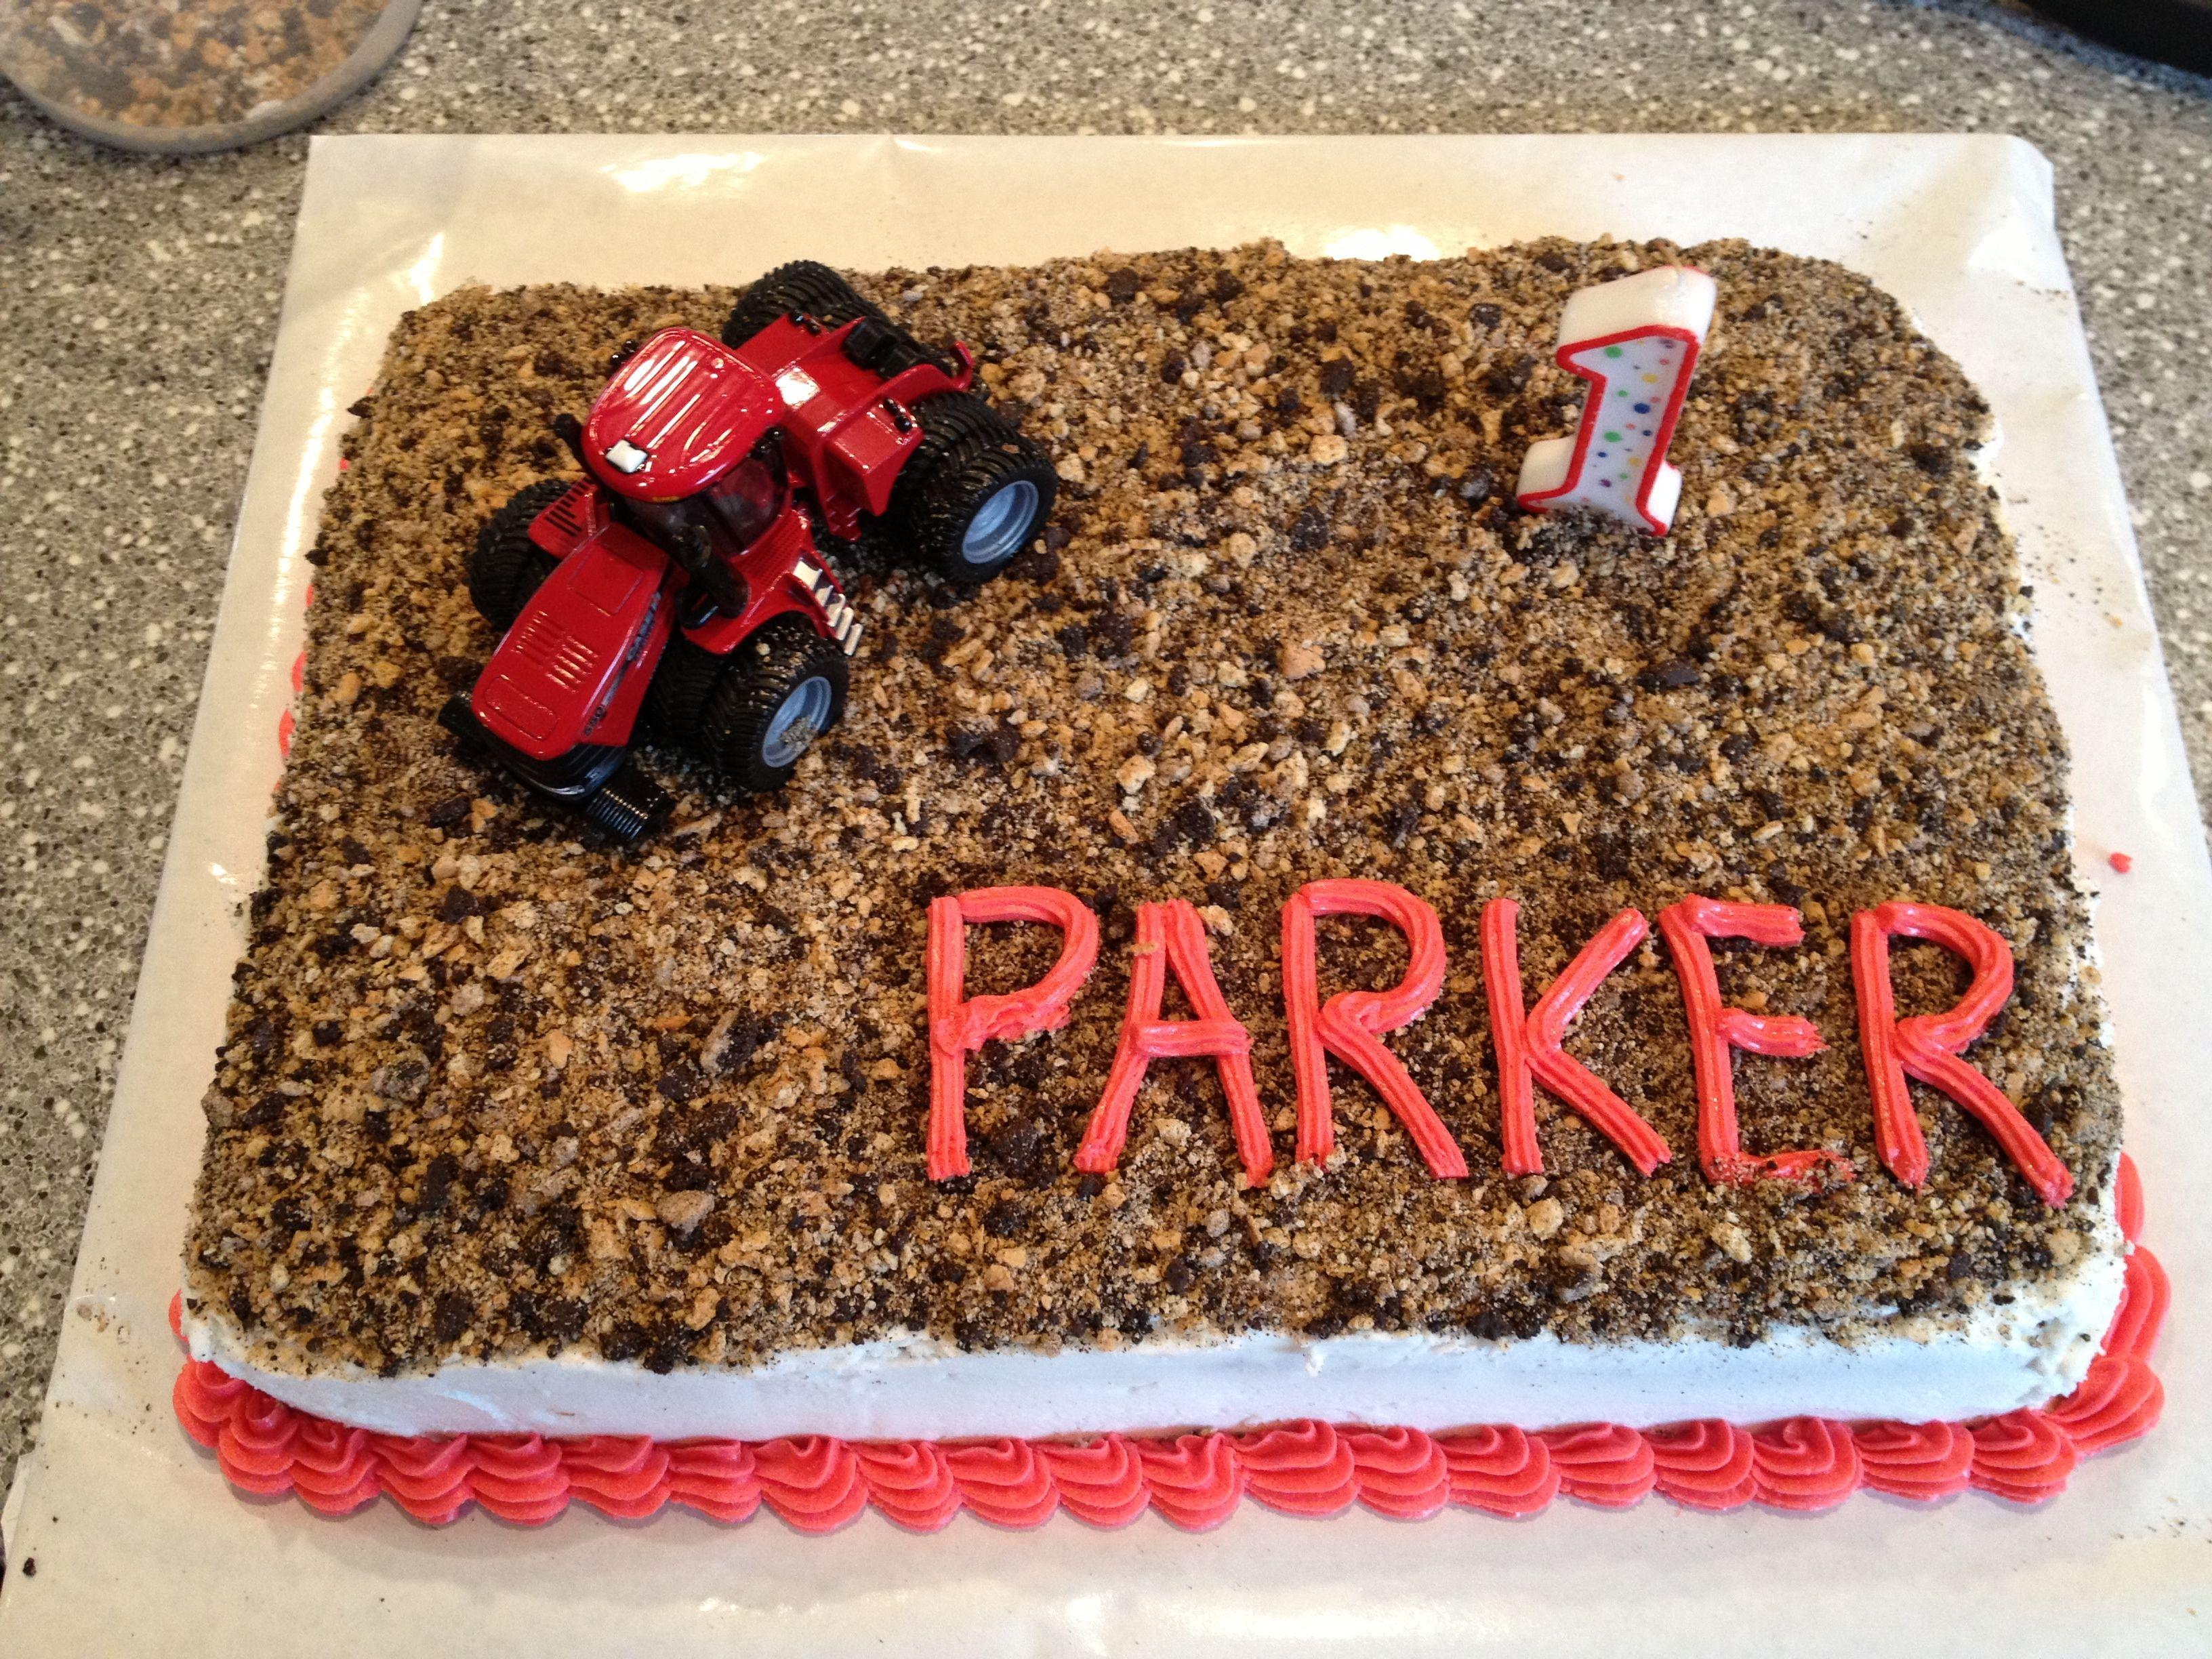 Farmall birthday cakegraham crackers and Oreos made the field